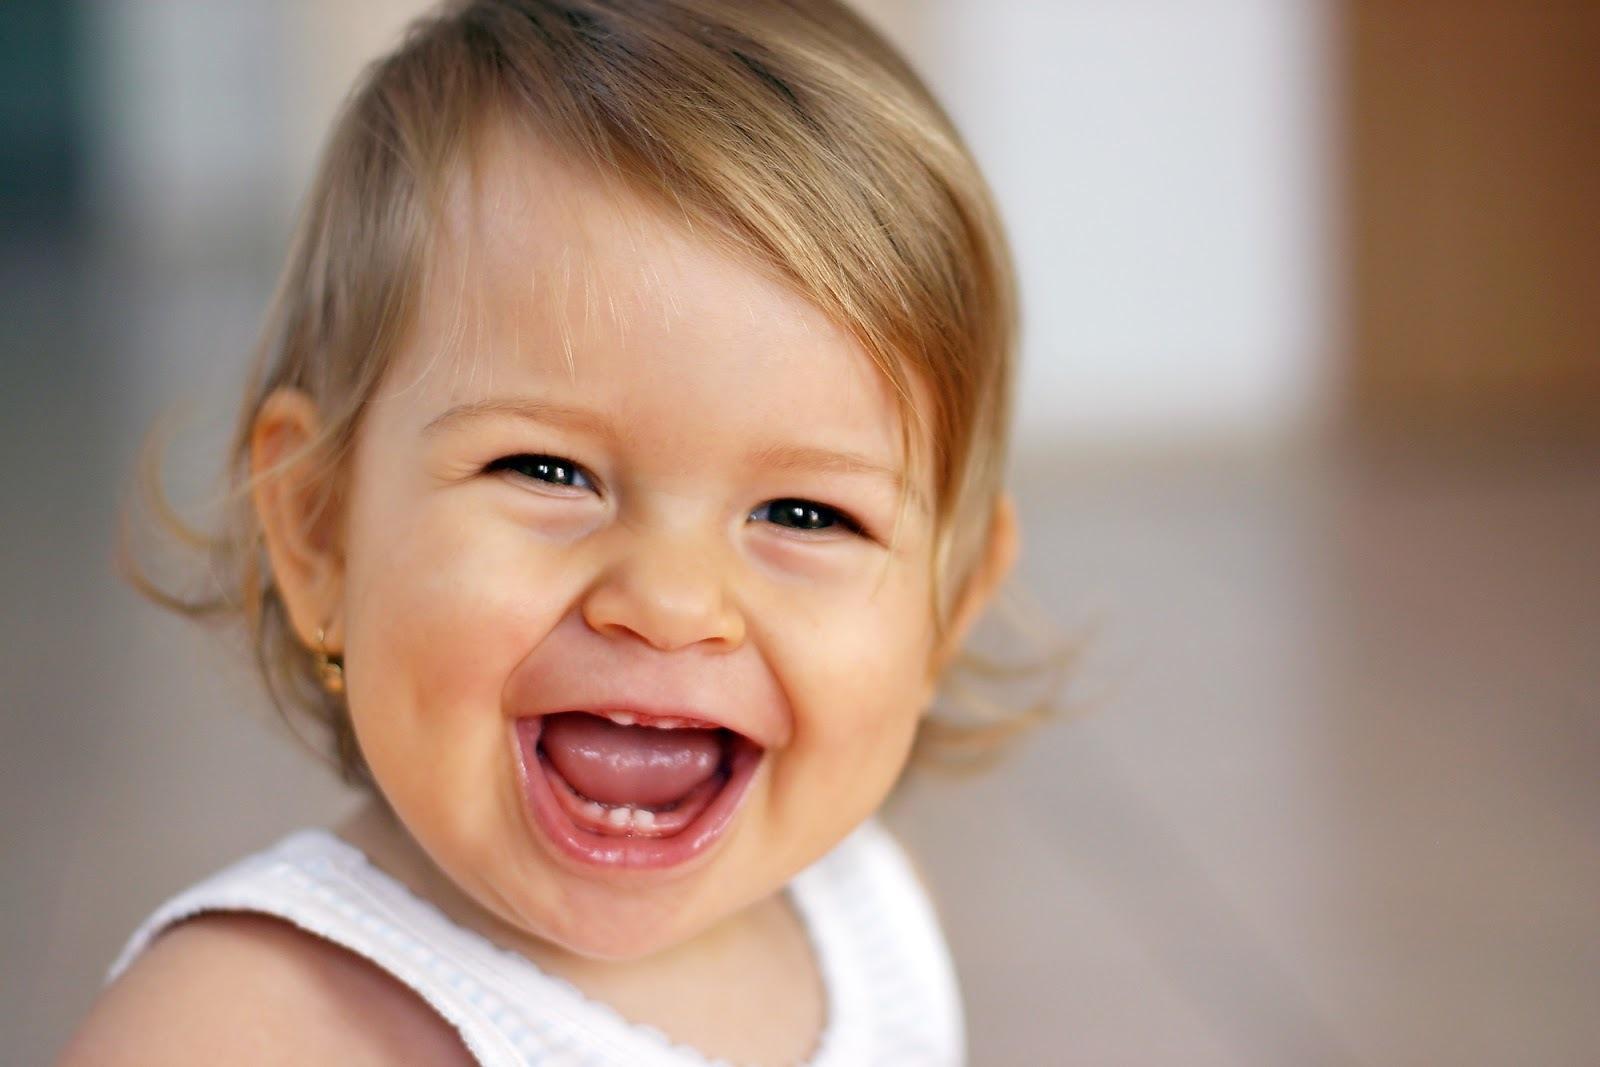 Plagiocefalia Cabeça Achatada do Bebê: Causas, Sintomas e Tratamento